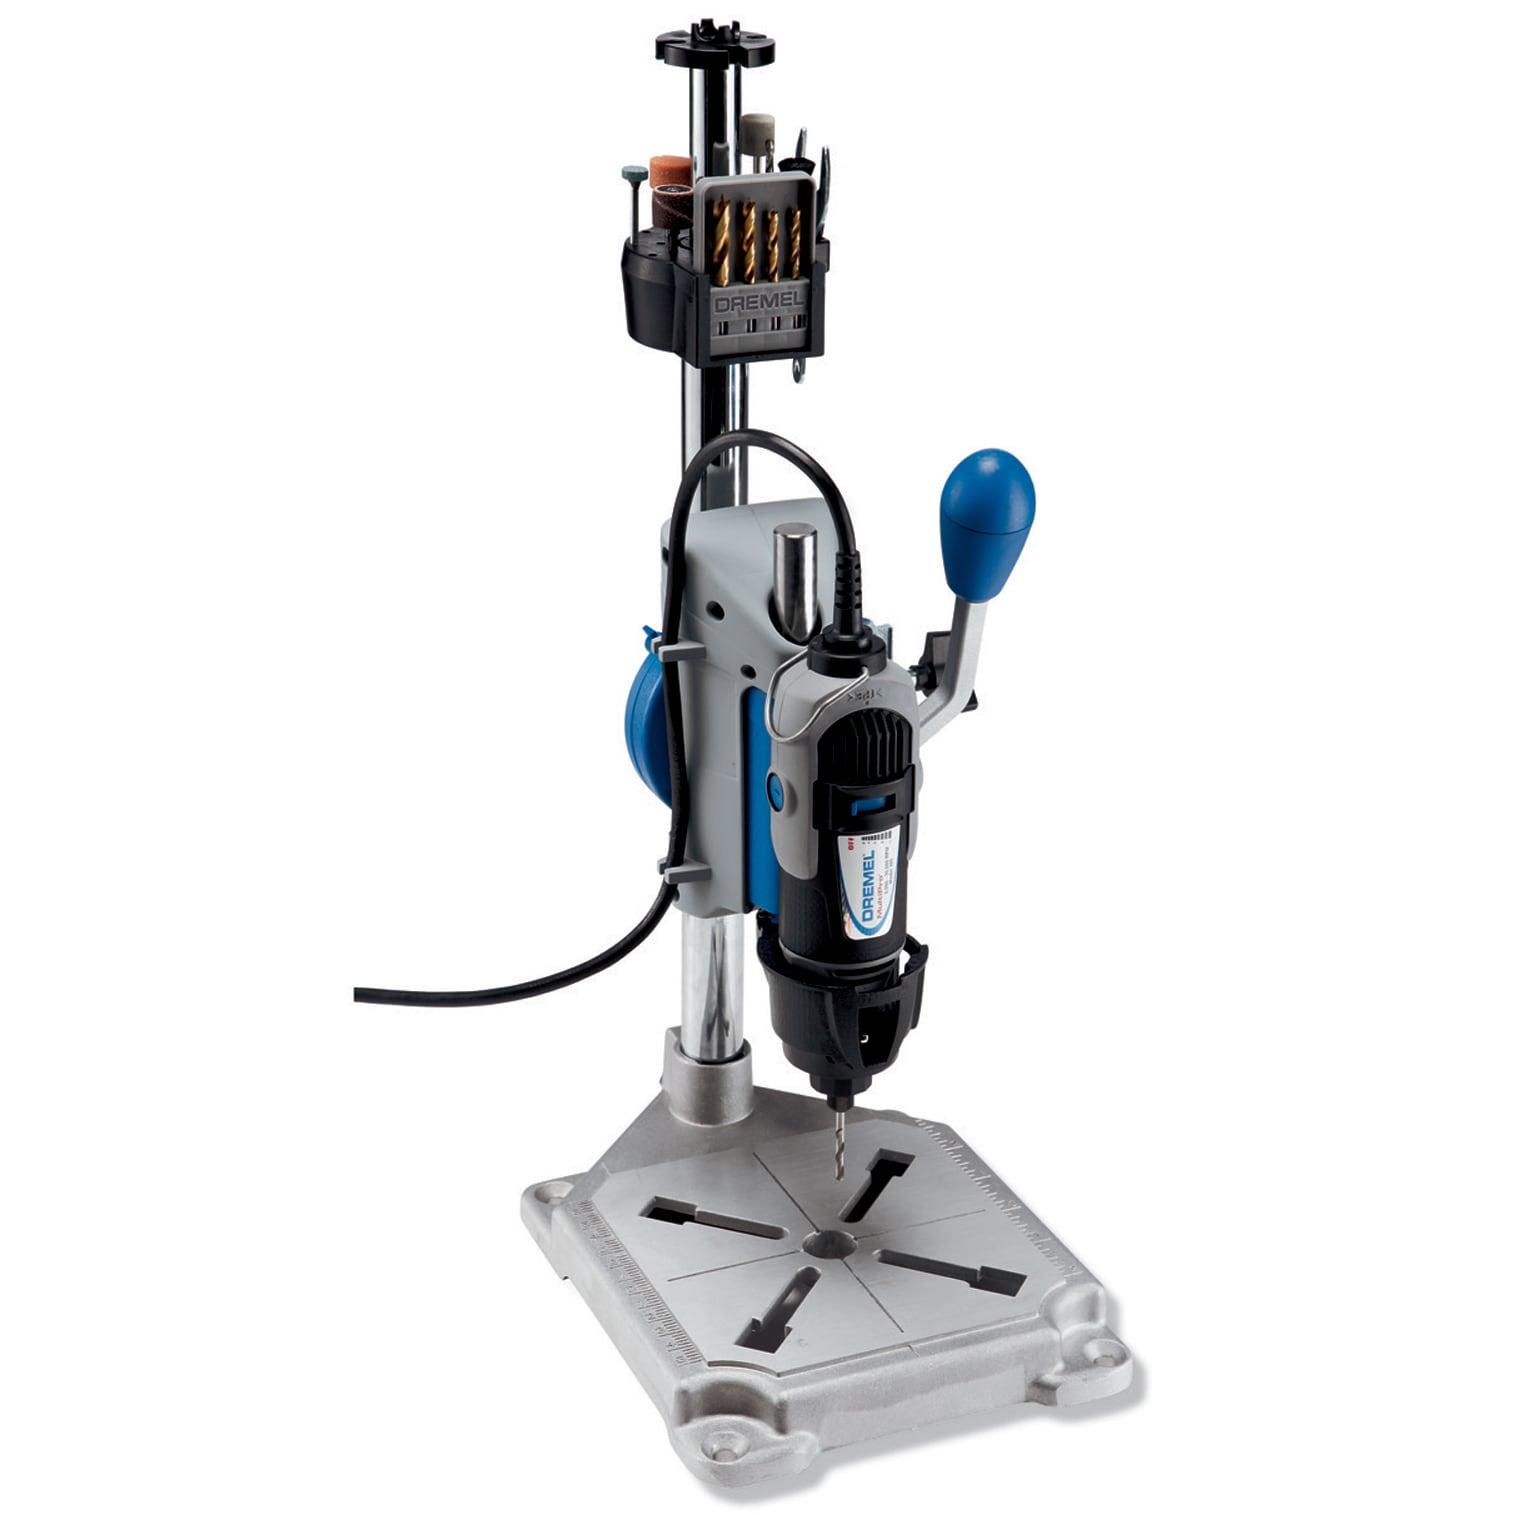 Dremel 220-01 Drill Press (Power tool accessories), Grey ...